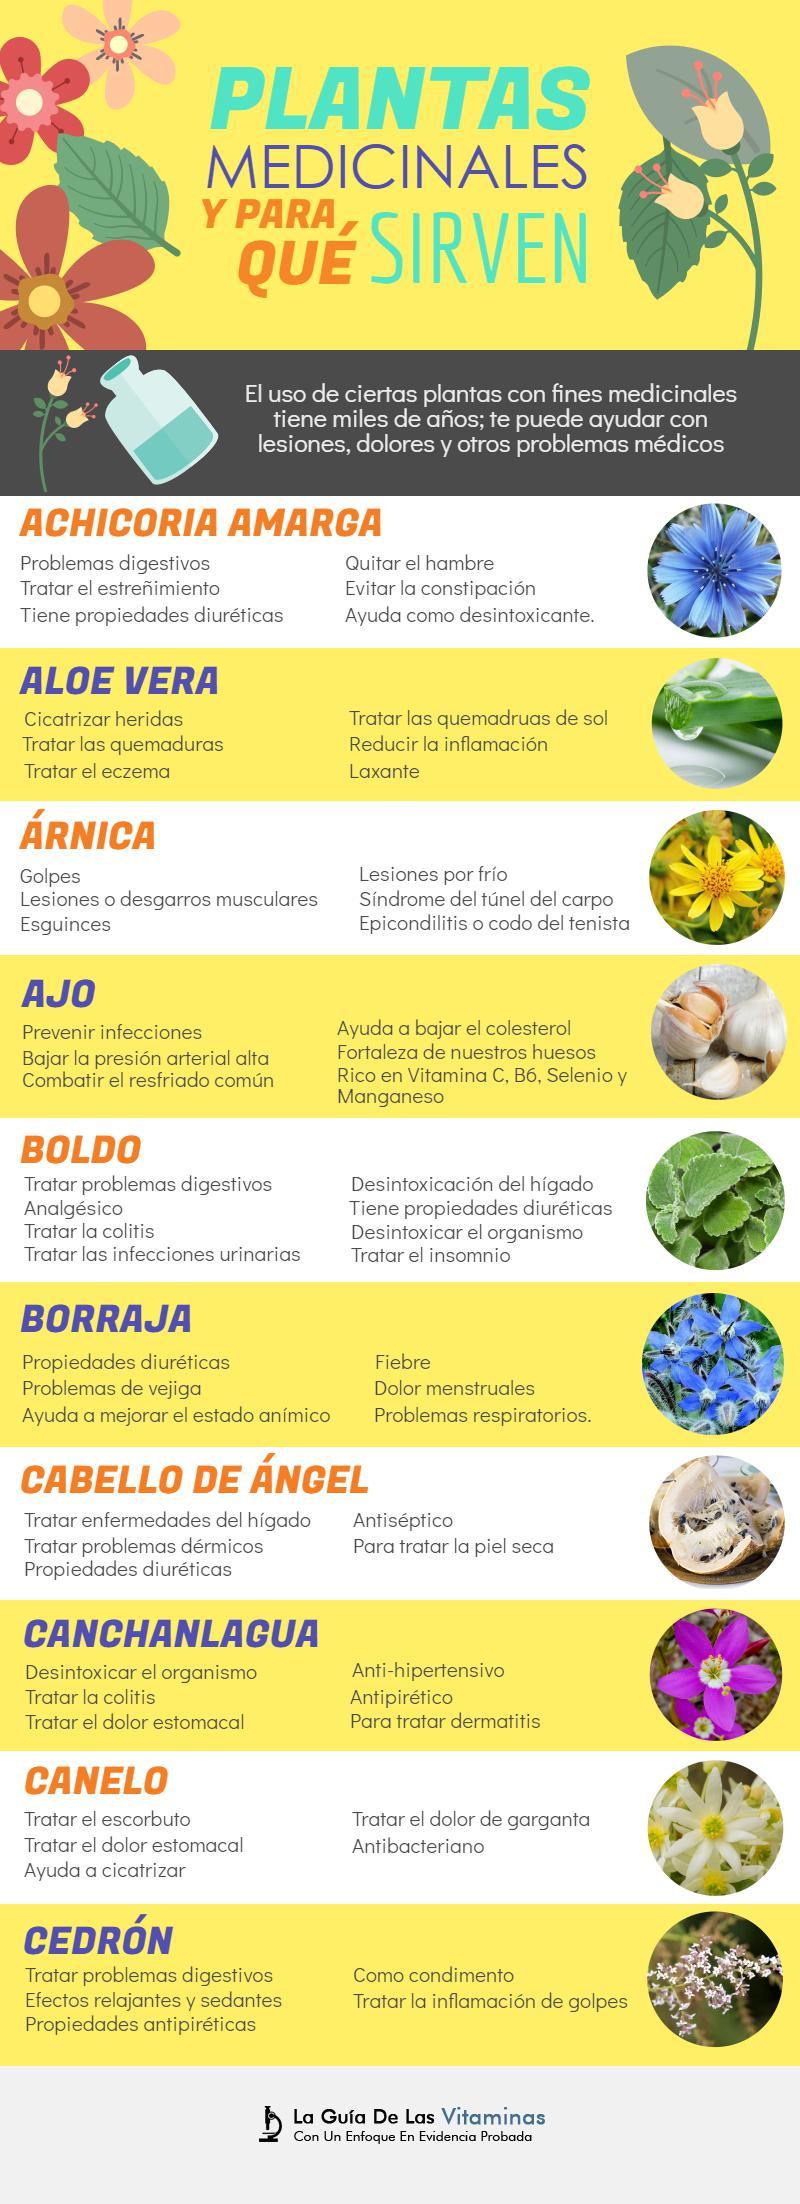 44 plantas medicinales para qu sirven y como cultivarlas for 10 plantas ornamentales y para que sirven